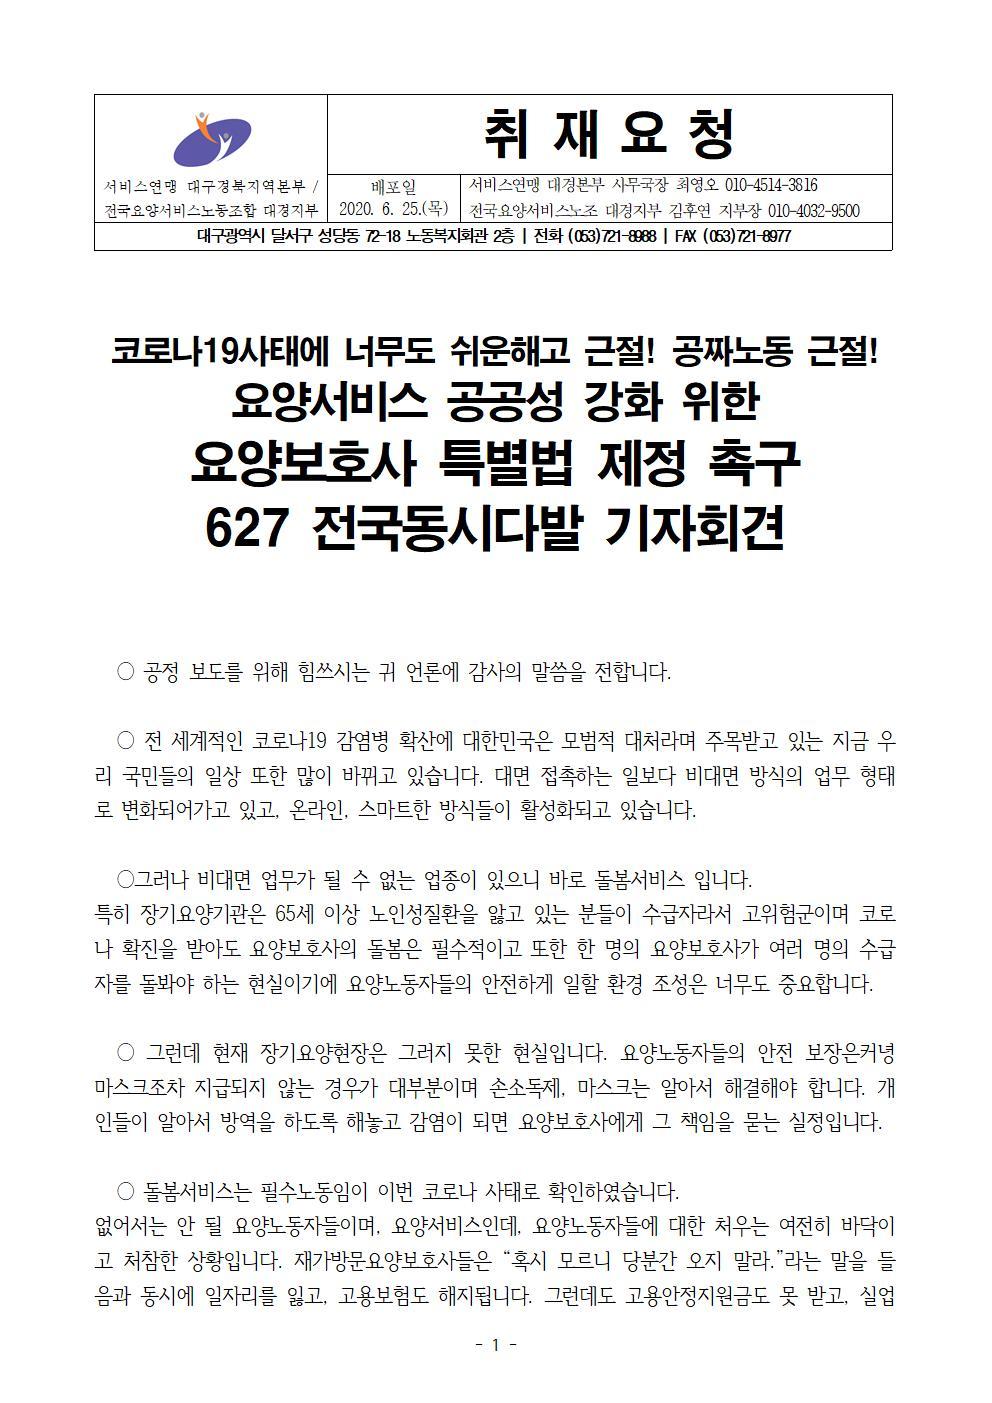 [취재요청]요양보호사 특별법 제정 촉구 기자회견(200627)001.jpg